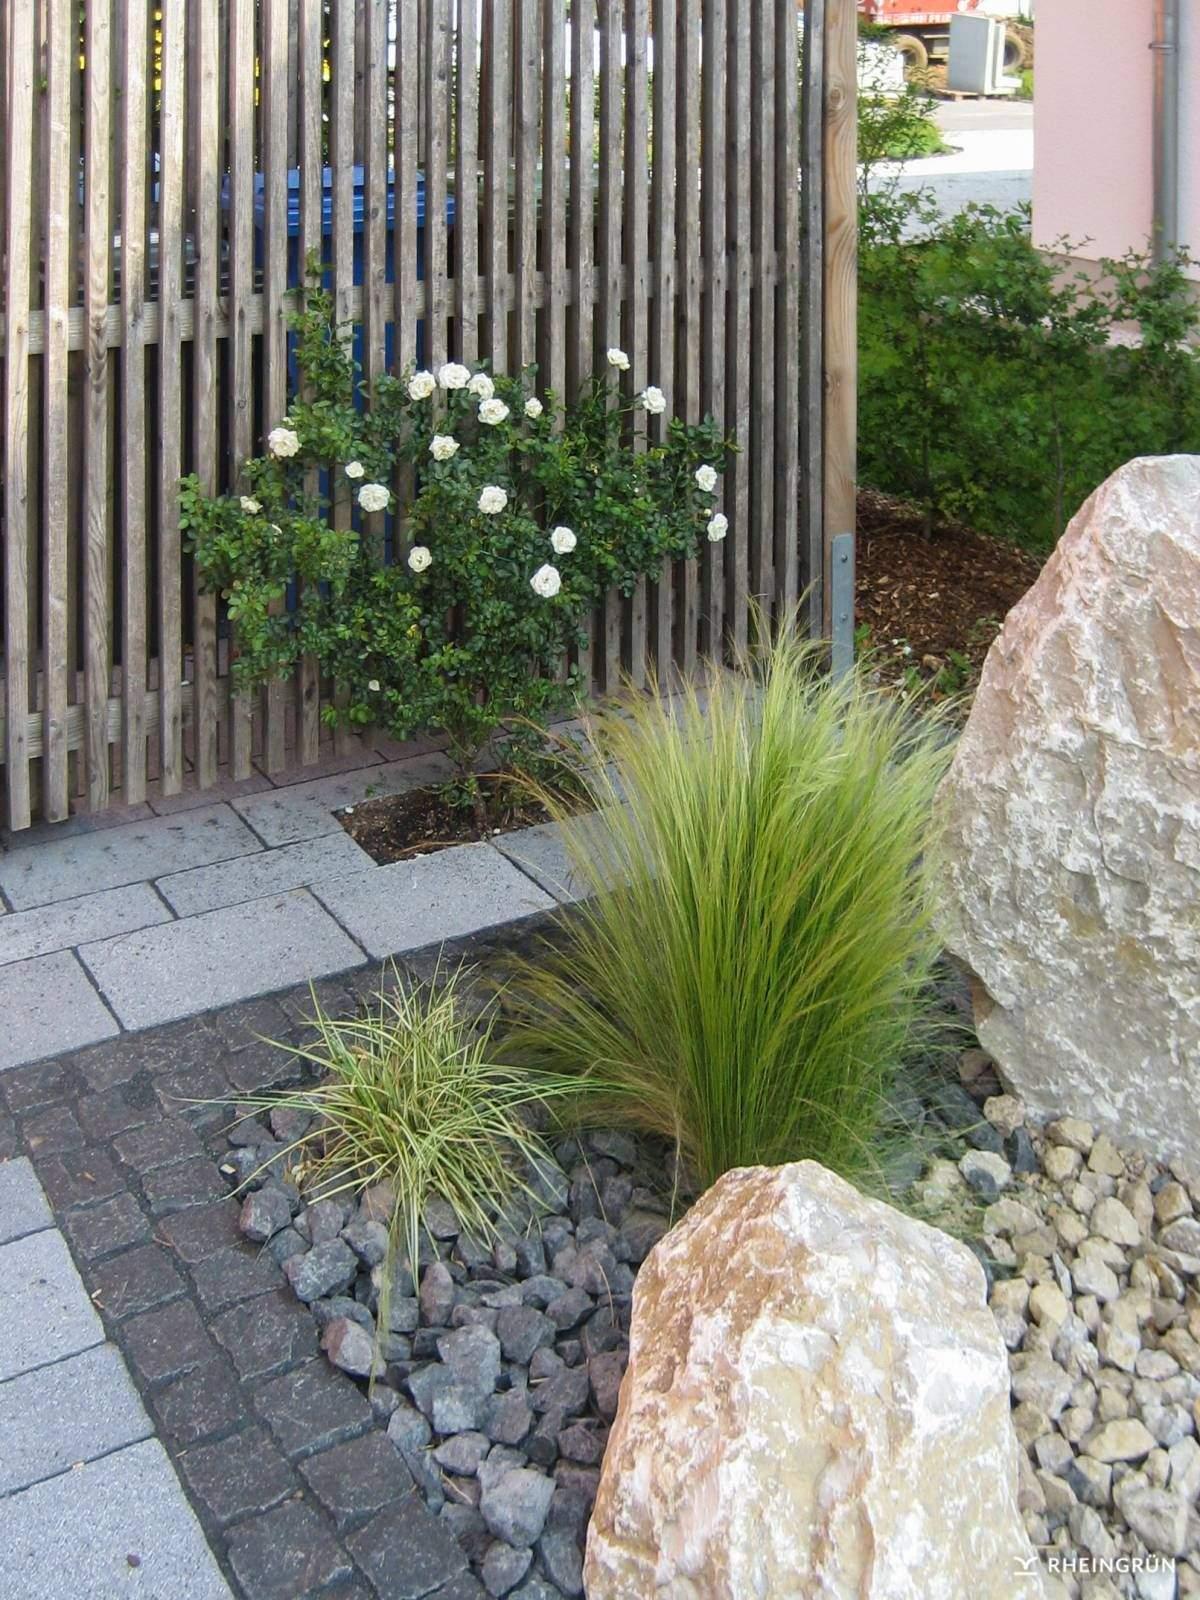 Pflegeleichter Garten Das Beste Von Pflegeleichter Vorgarten Mit Großen Steinen Und Gräsern